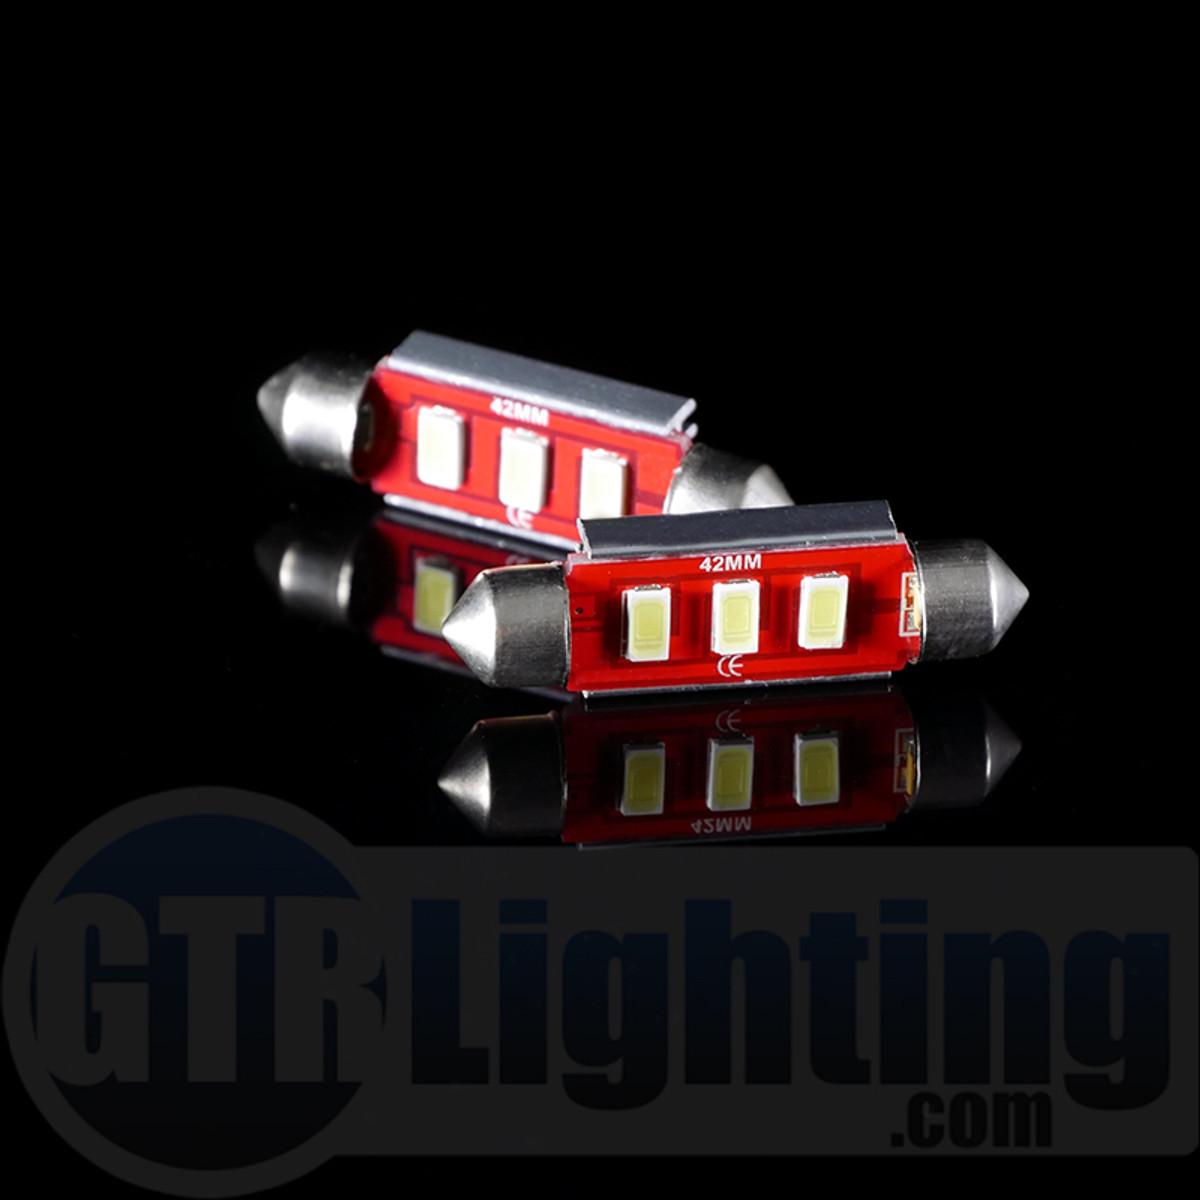 GTR Lighting 42mm CANBUS Festoon LED Bulbs ... & GTR Lighting 42mm CANBUS Festoon LED Bulbs - GTR Lighting